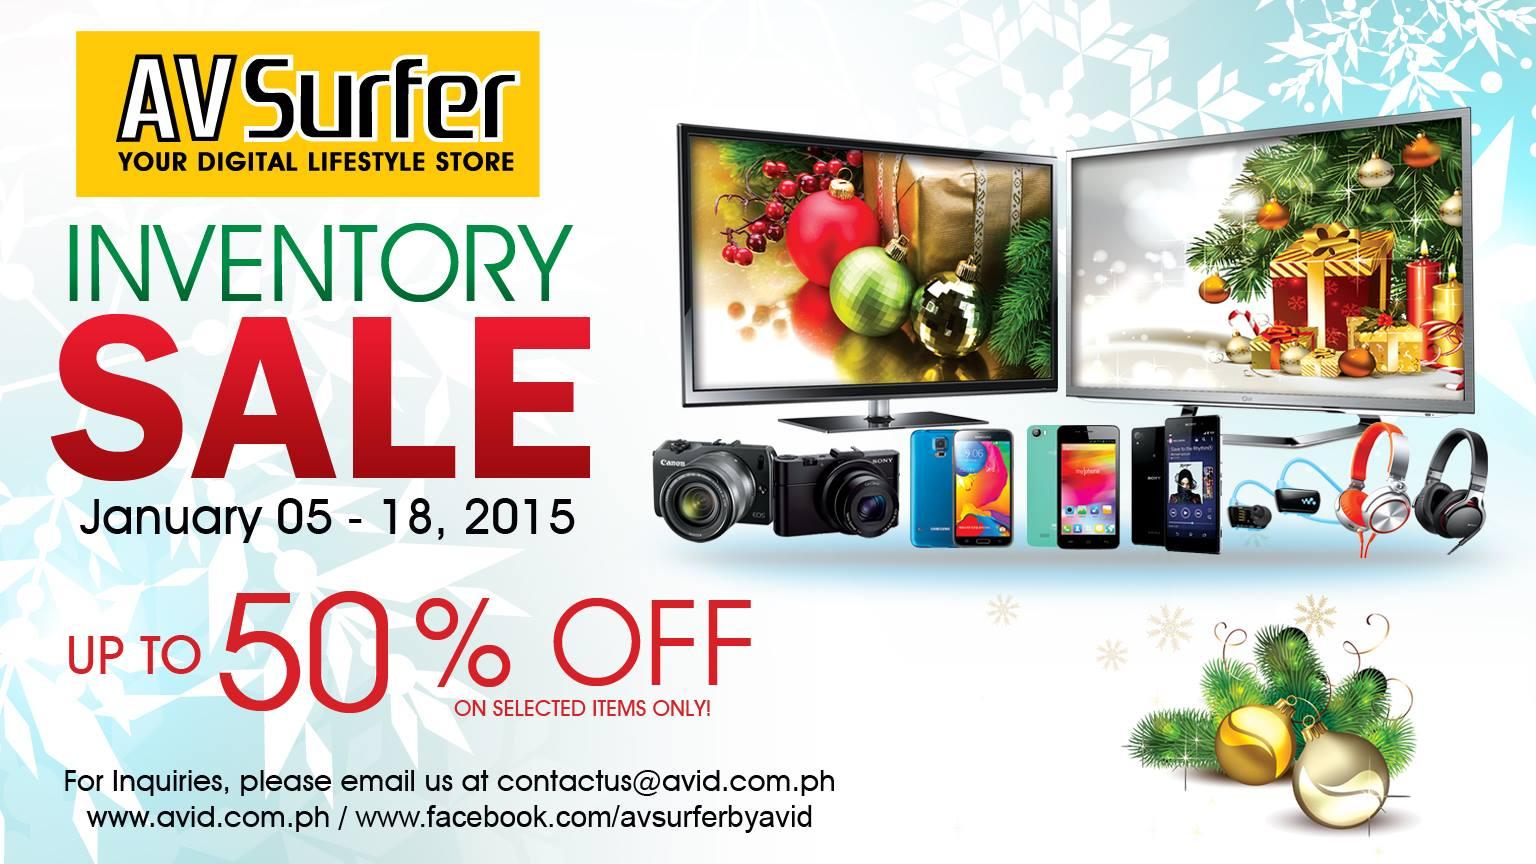 AV Surfer Inventory Sale January 2015